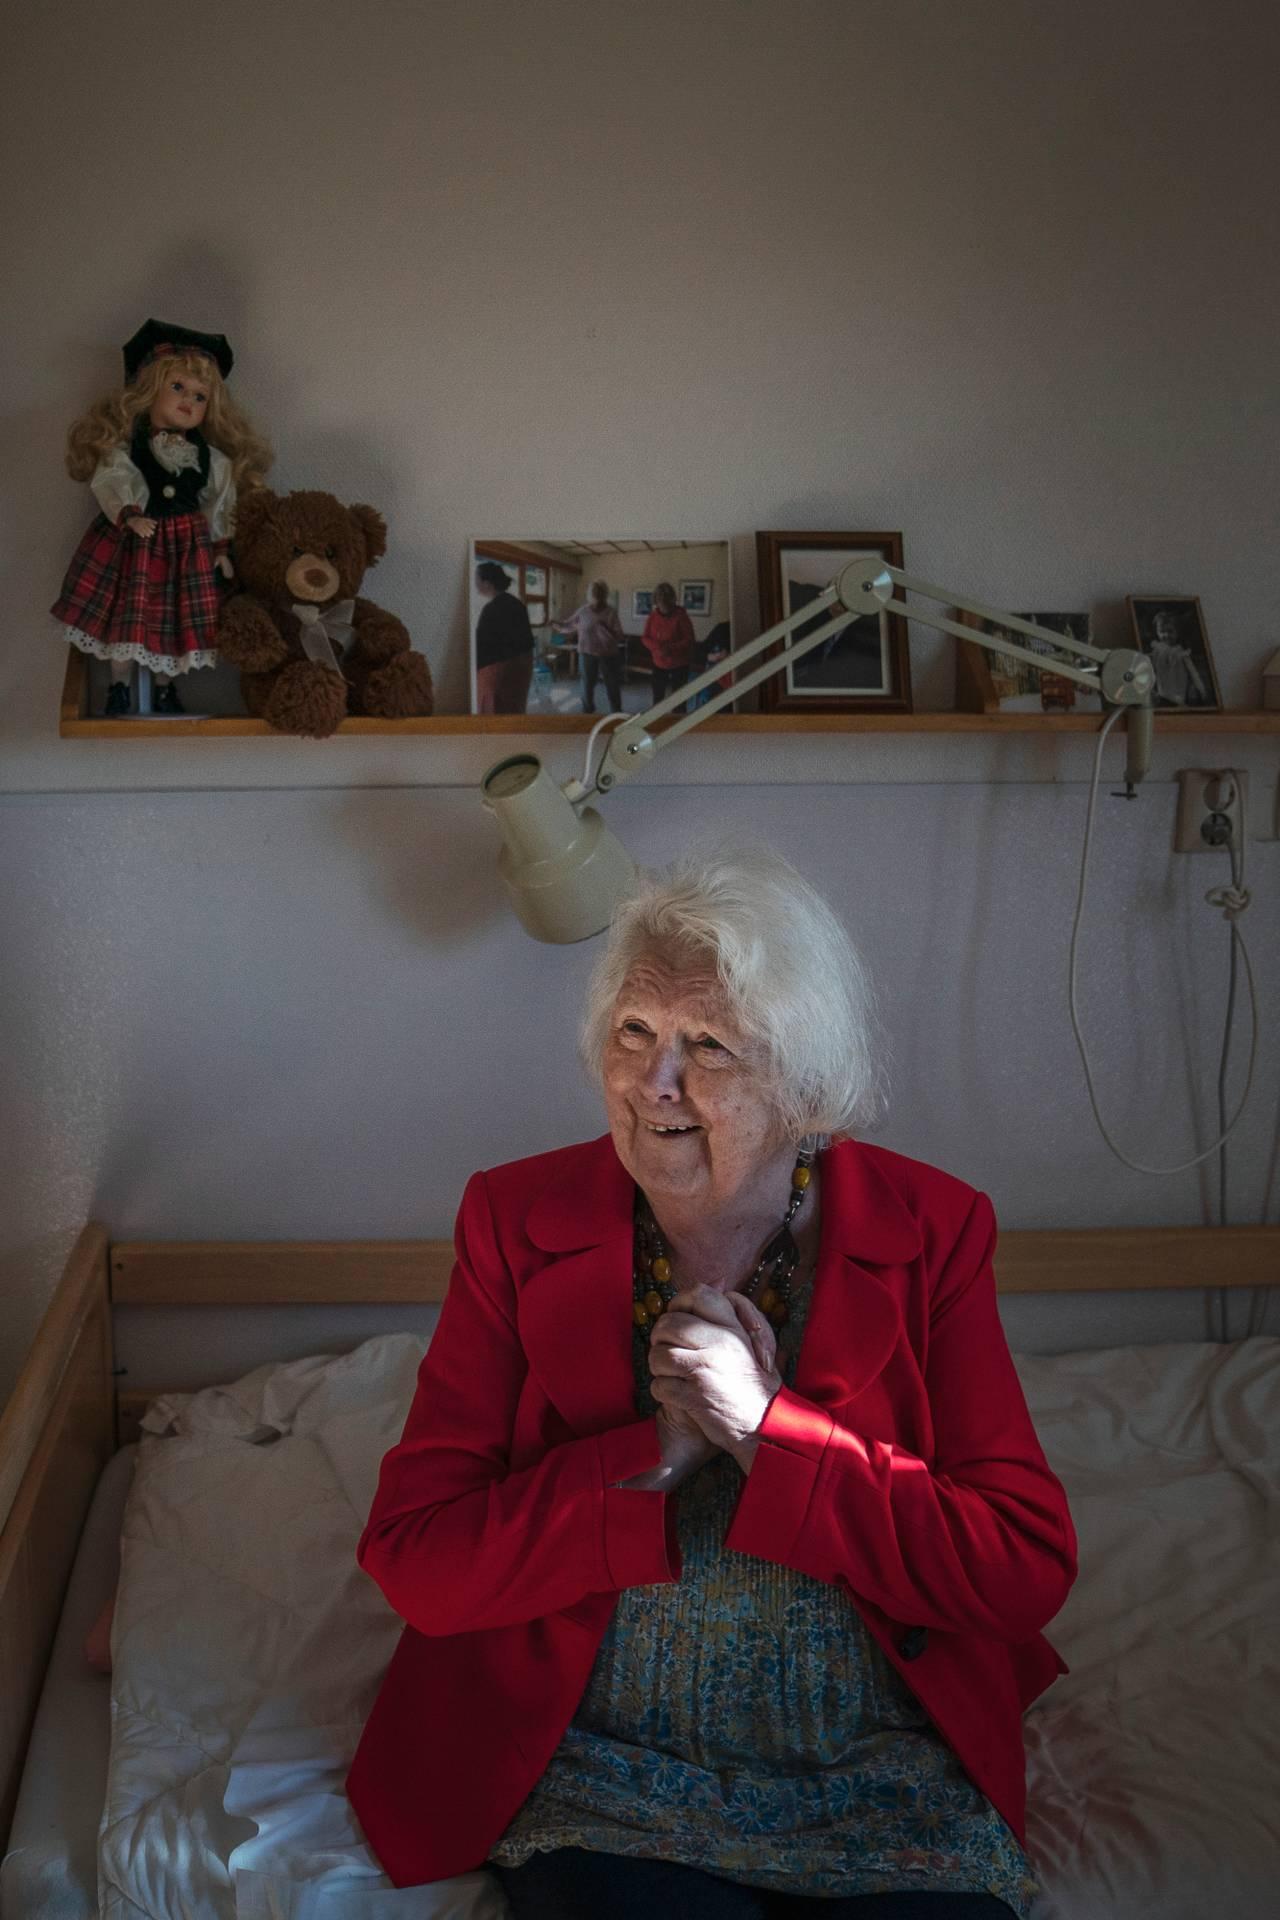 Kvinne i rød jakke sitter i seng og knytter hendene mens hun smiler stort. På veggen bak ser man en hylle med en rekke fotografier på en, en dukke og en teddybjørn.